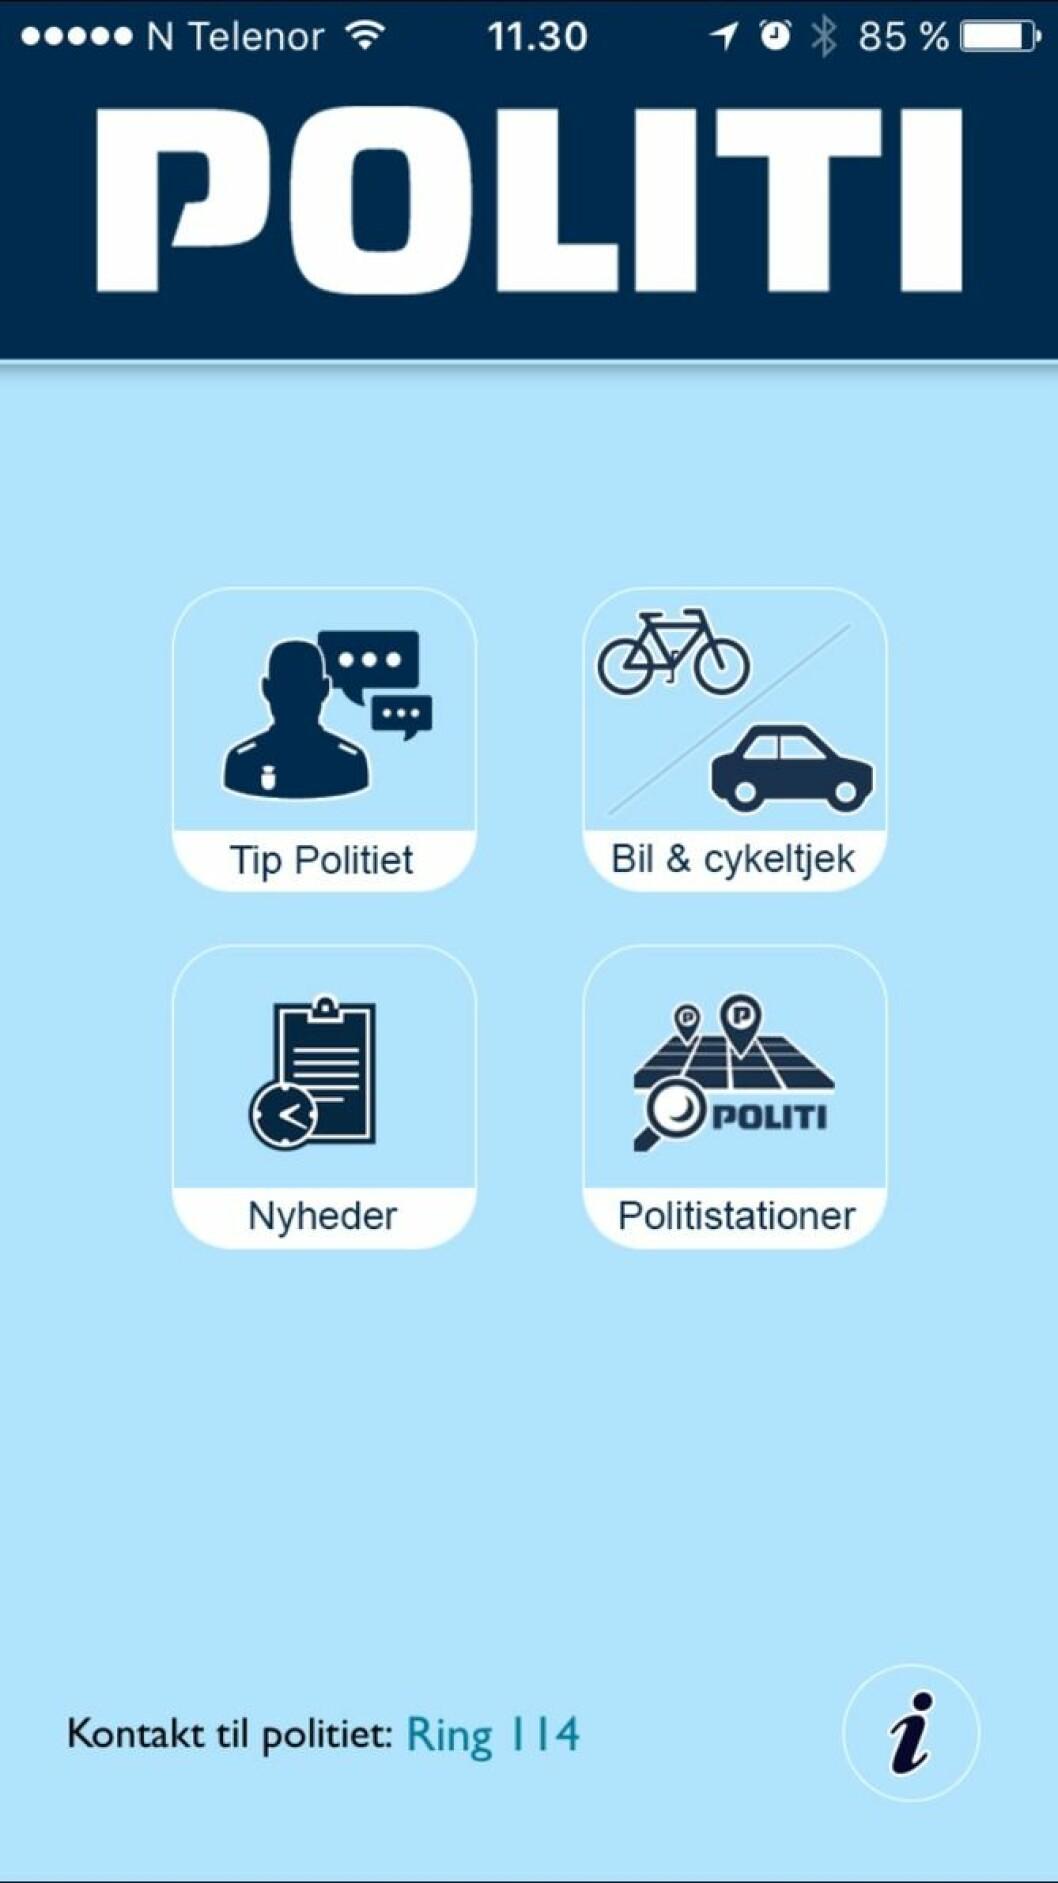 Slik ser den danske politiappen ut.